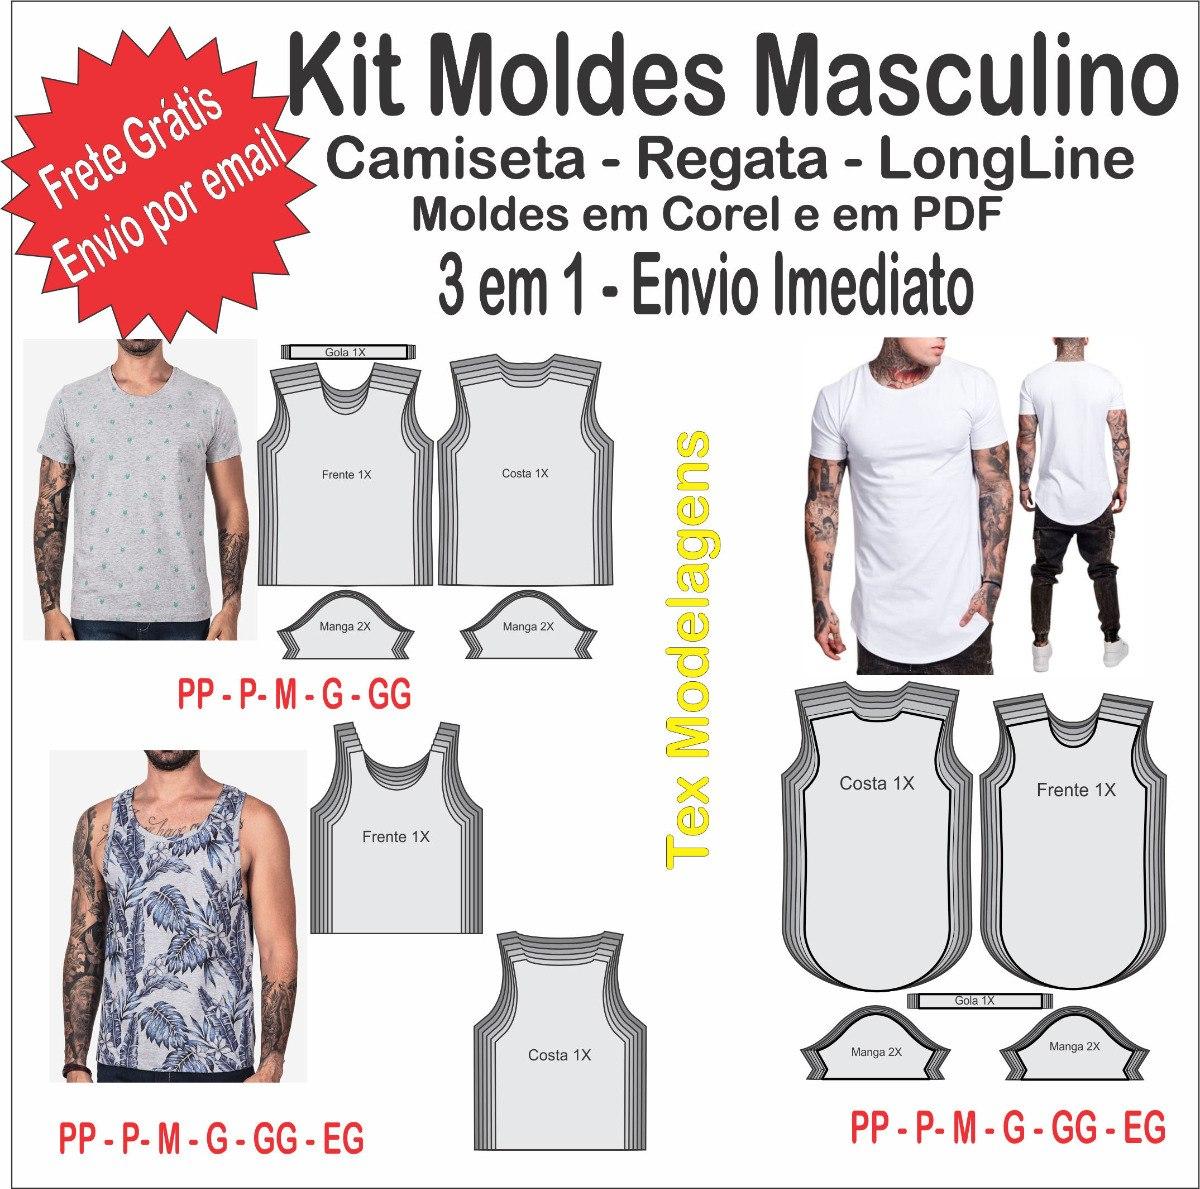 651ac249eb3b5 kit moldes modelagem masculina camiseta - regata - longline. Carregando  zoom.